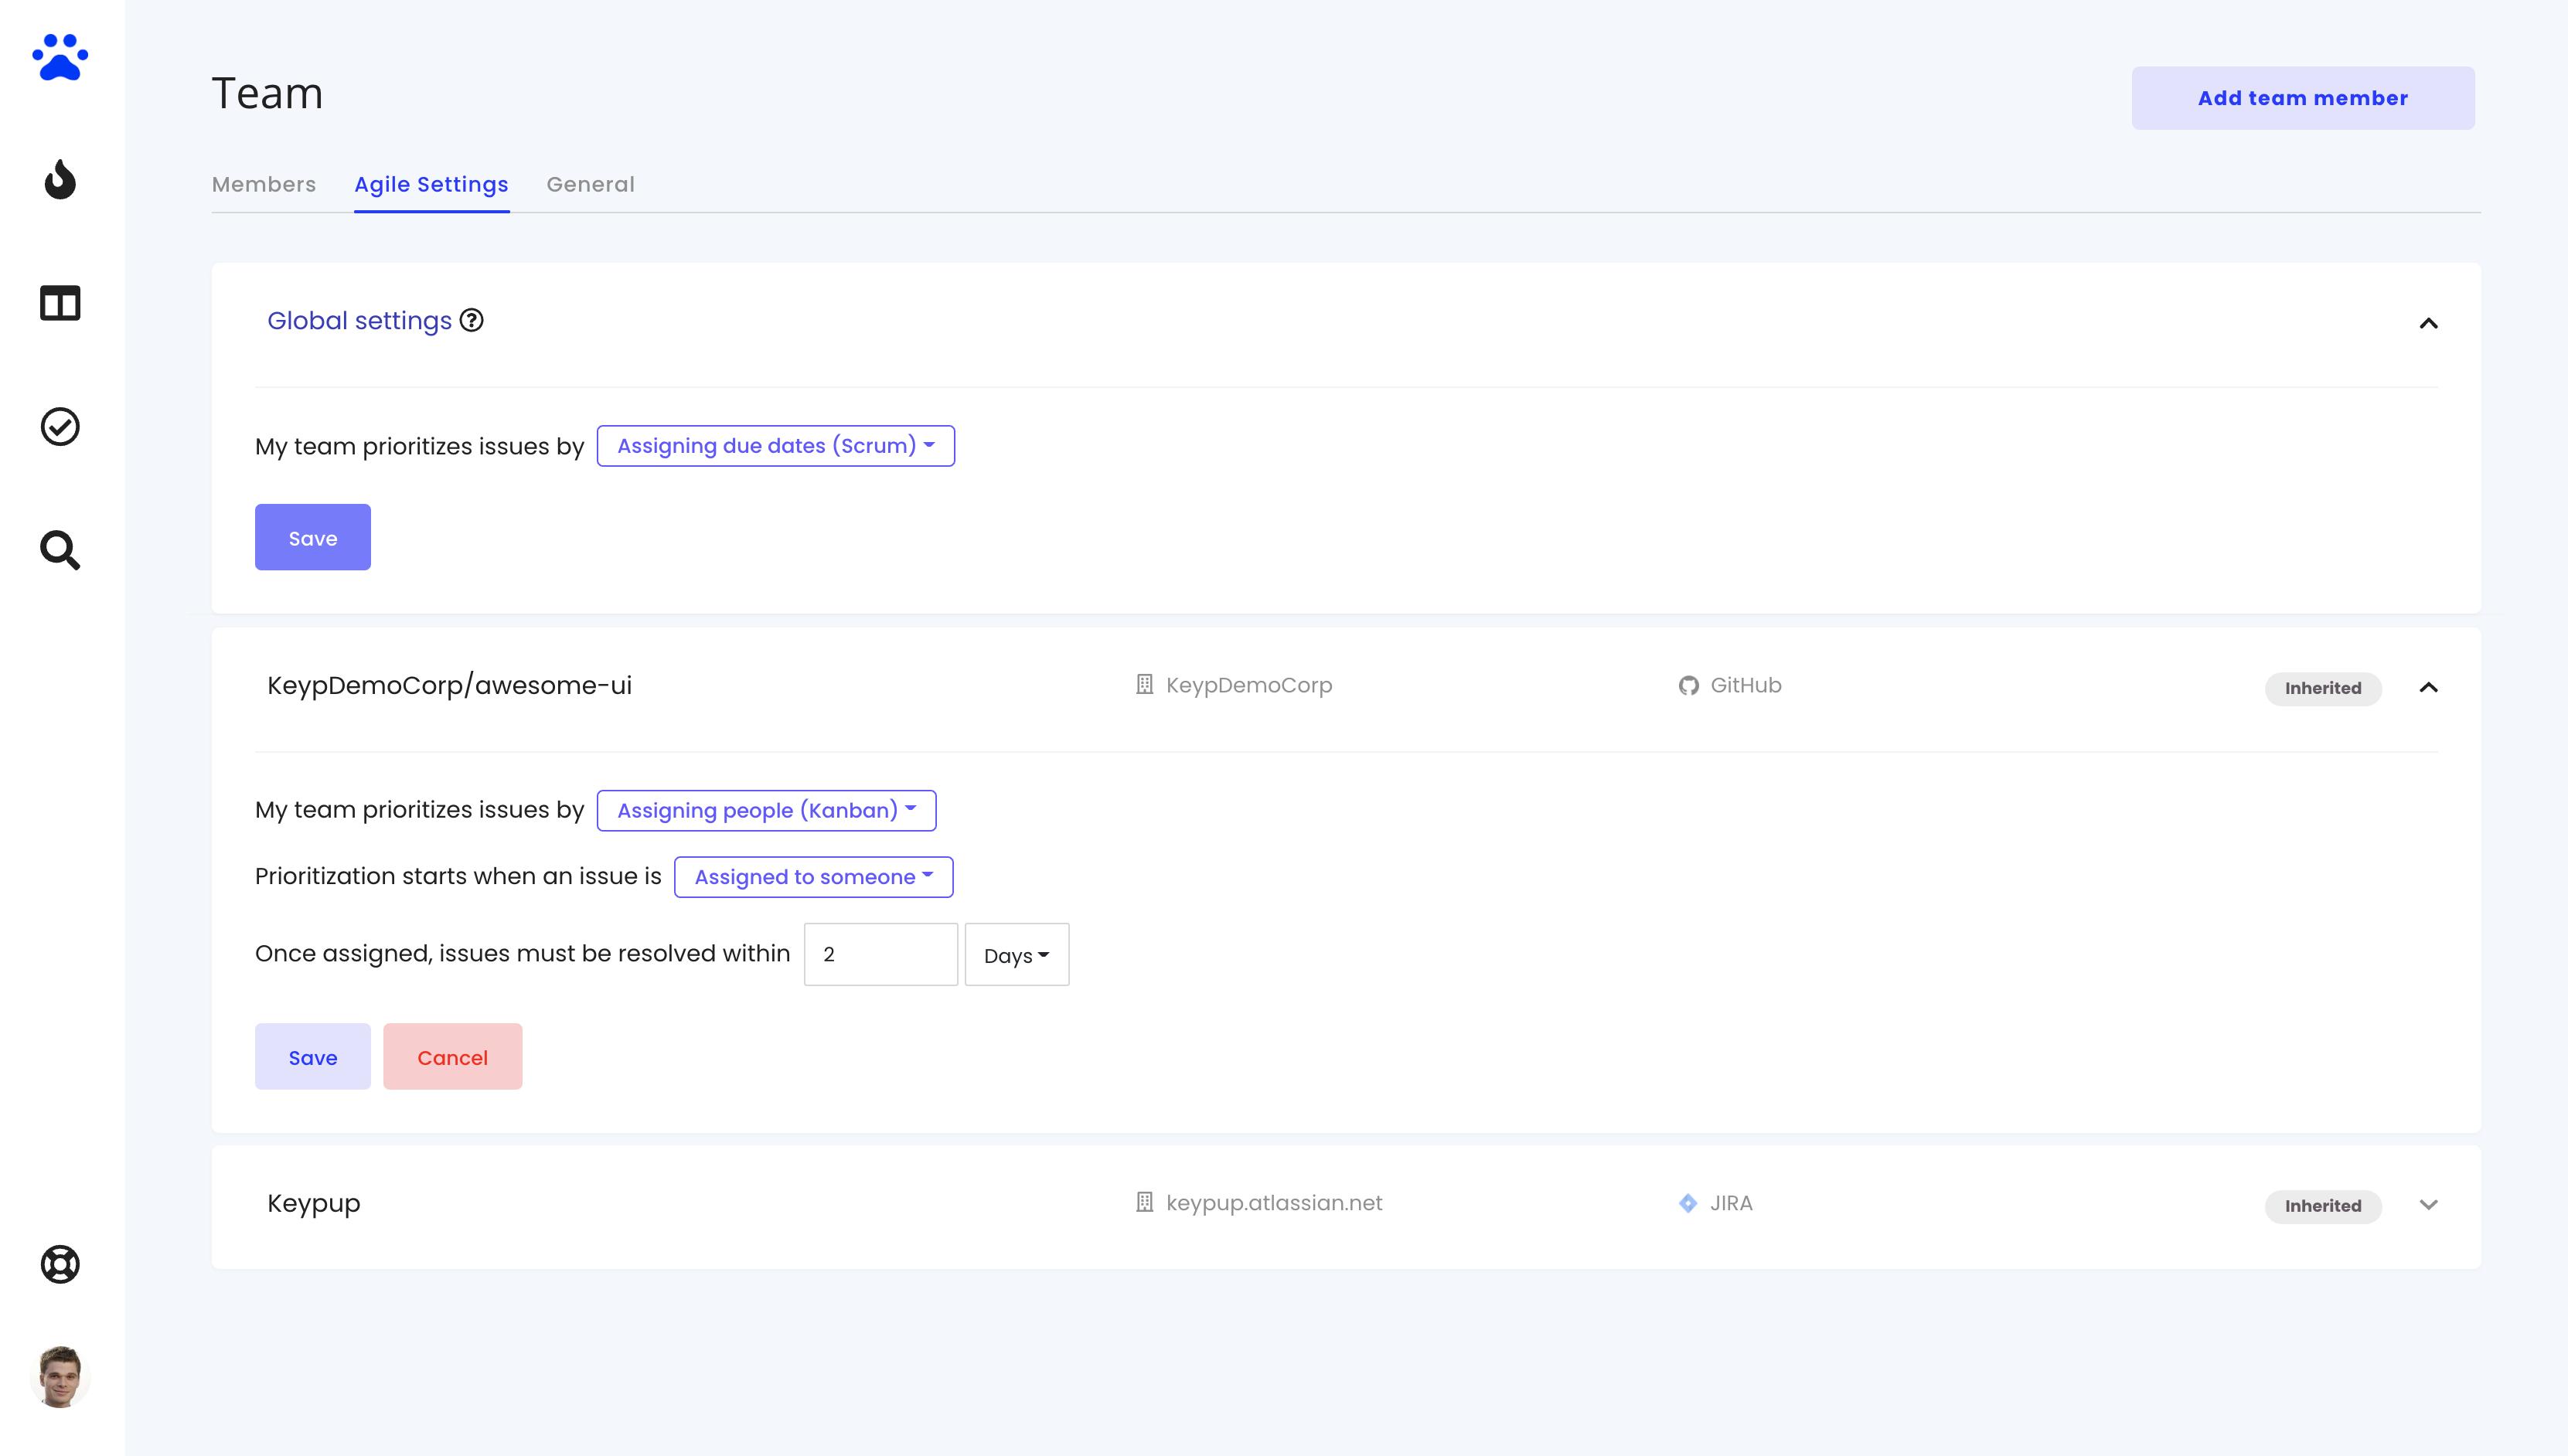 agile settings